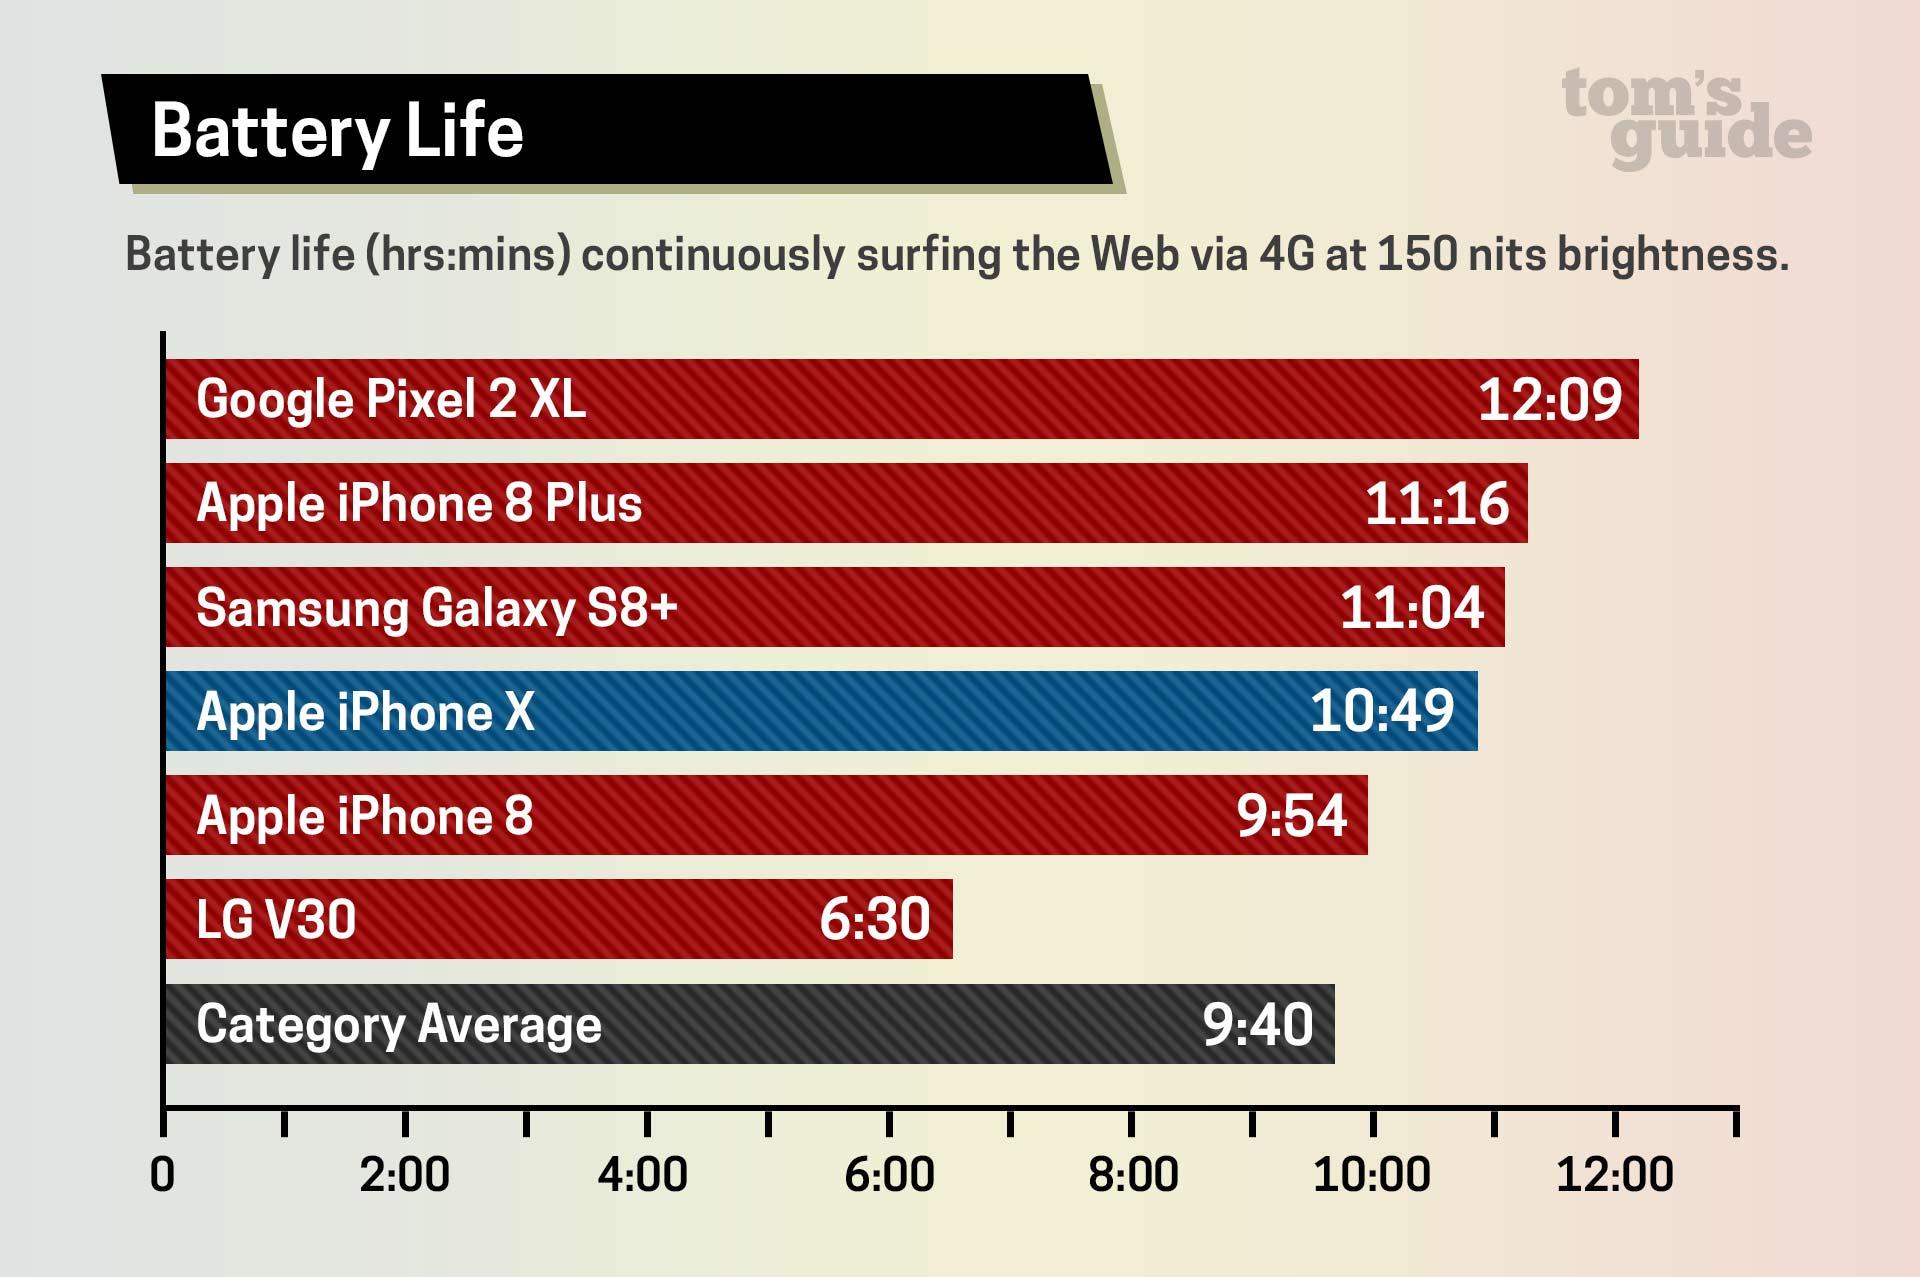 %D8%A8%D8%B7%D8%A7%D8%B1%D9%8A%D8%A9-%D8%A2%D9%8A%D9%81%D9%88%D9%86-8 مراجعة آيفون 8: لا تنخدع بالإسم فهذا مجرد iPhone 7S